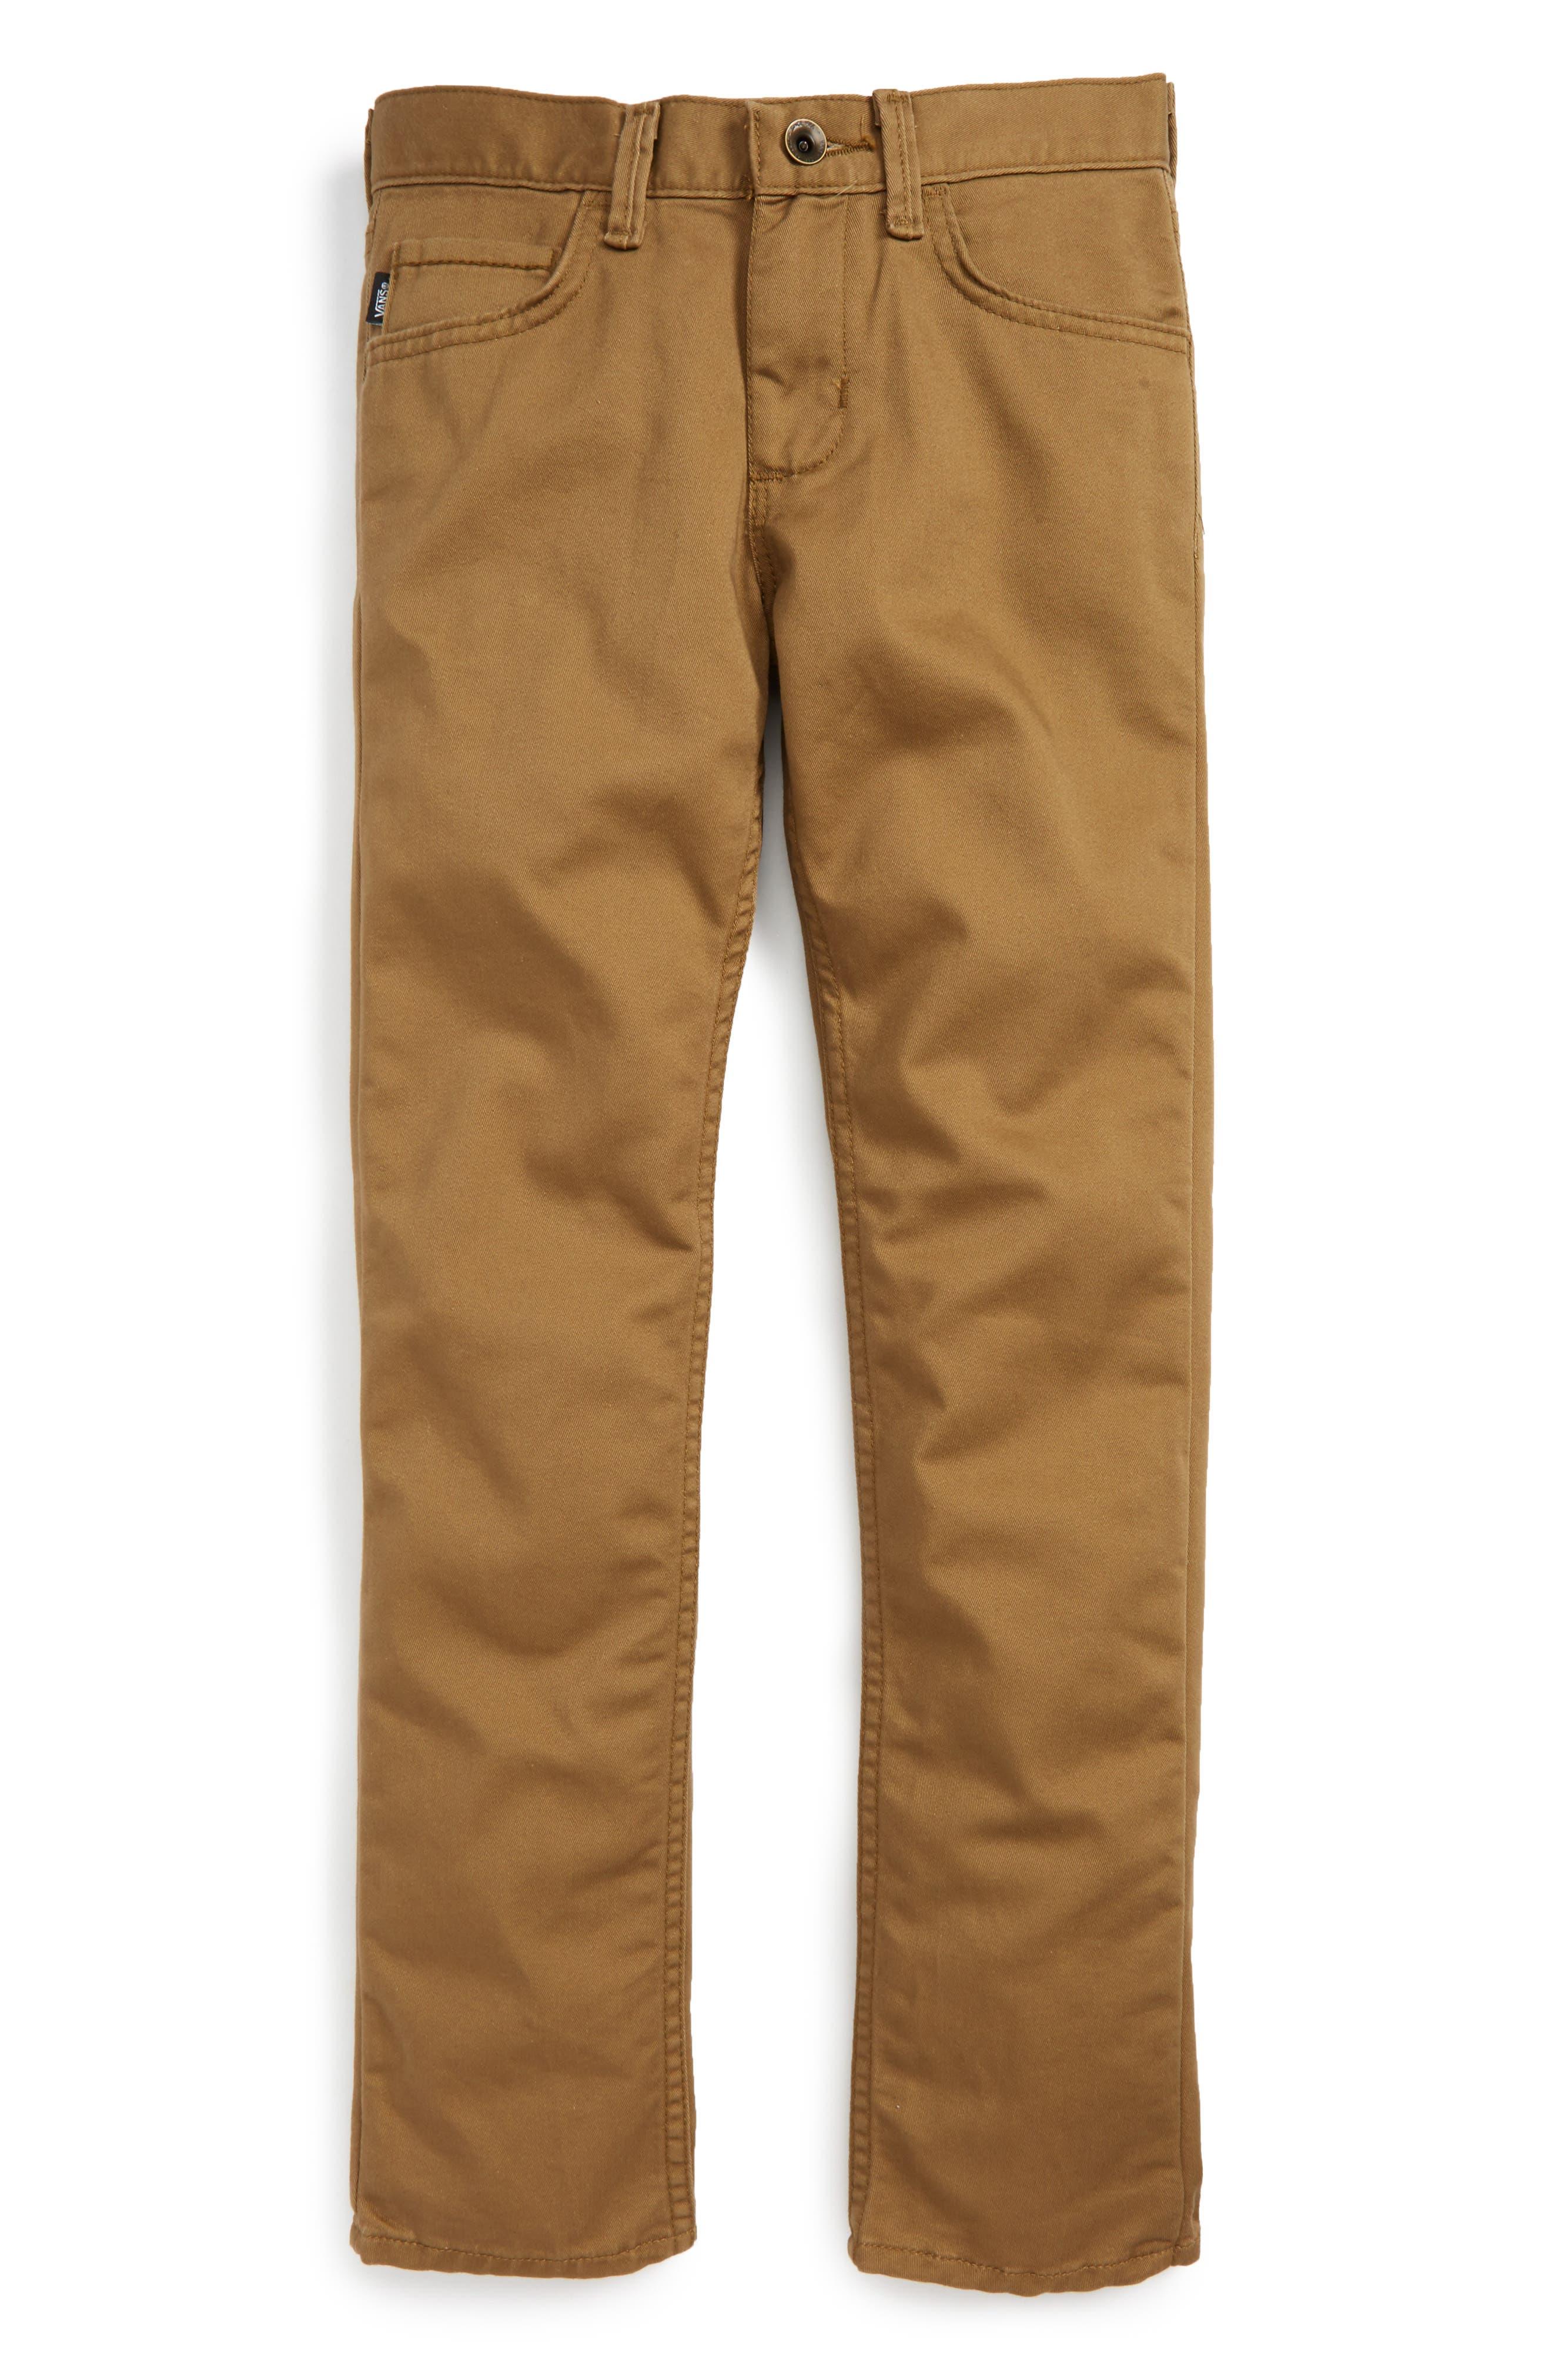 'V56 Standard AV Covina' Pants,                             Alternate thumbnail 2, color,                             DIRT